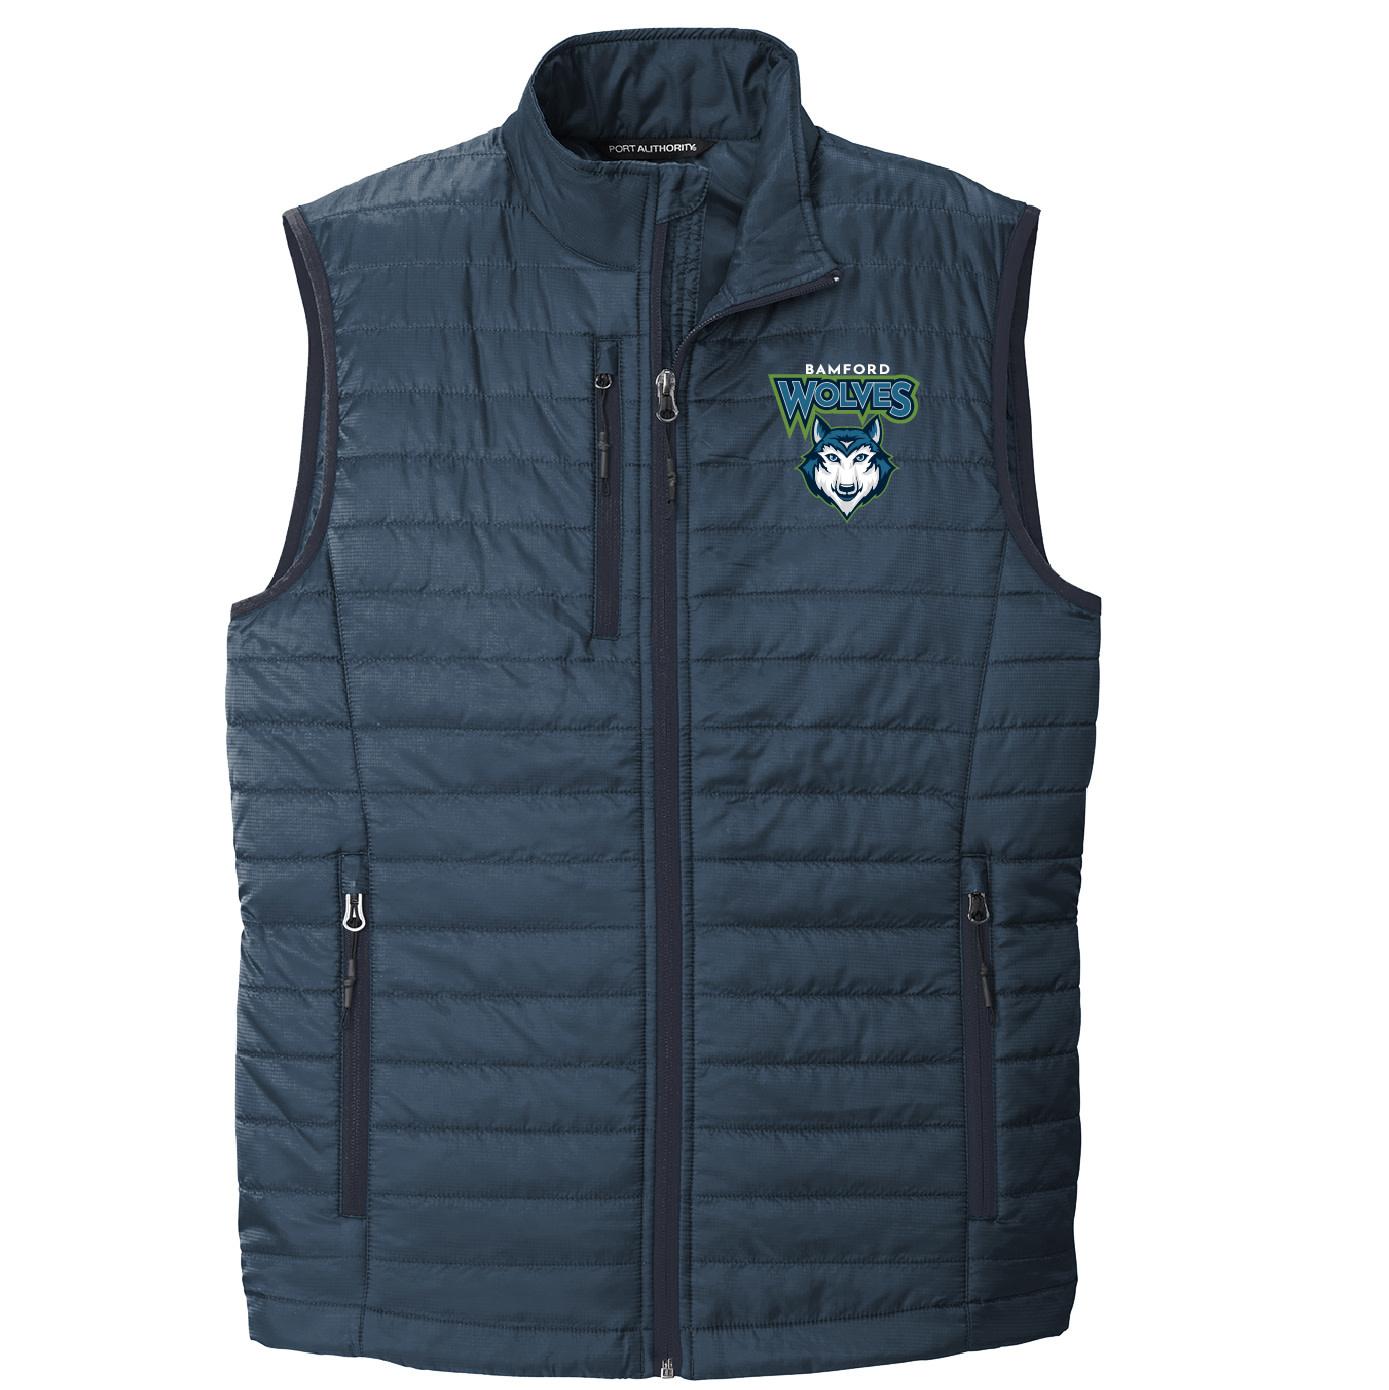 Port Authority Port Authority Packable Puffy Vest (Regatta Blue/River Blue)